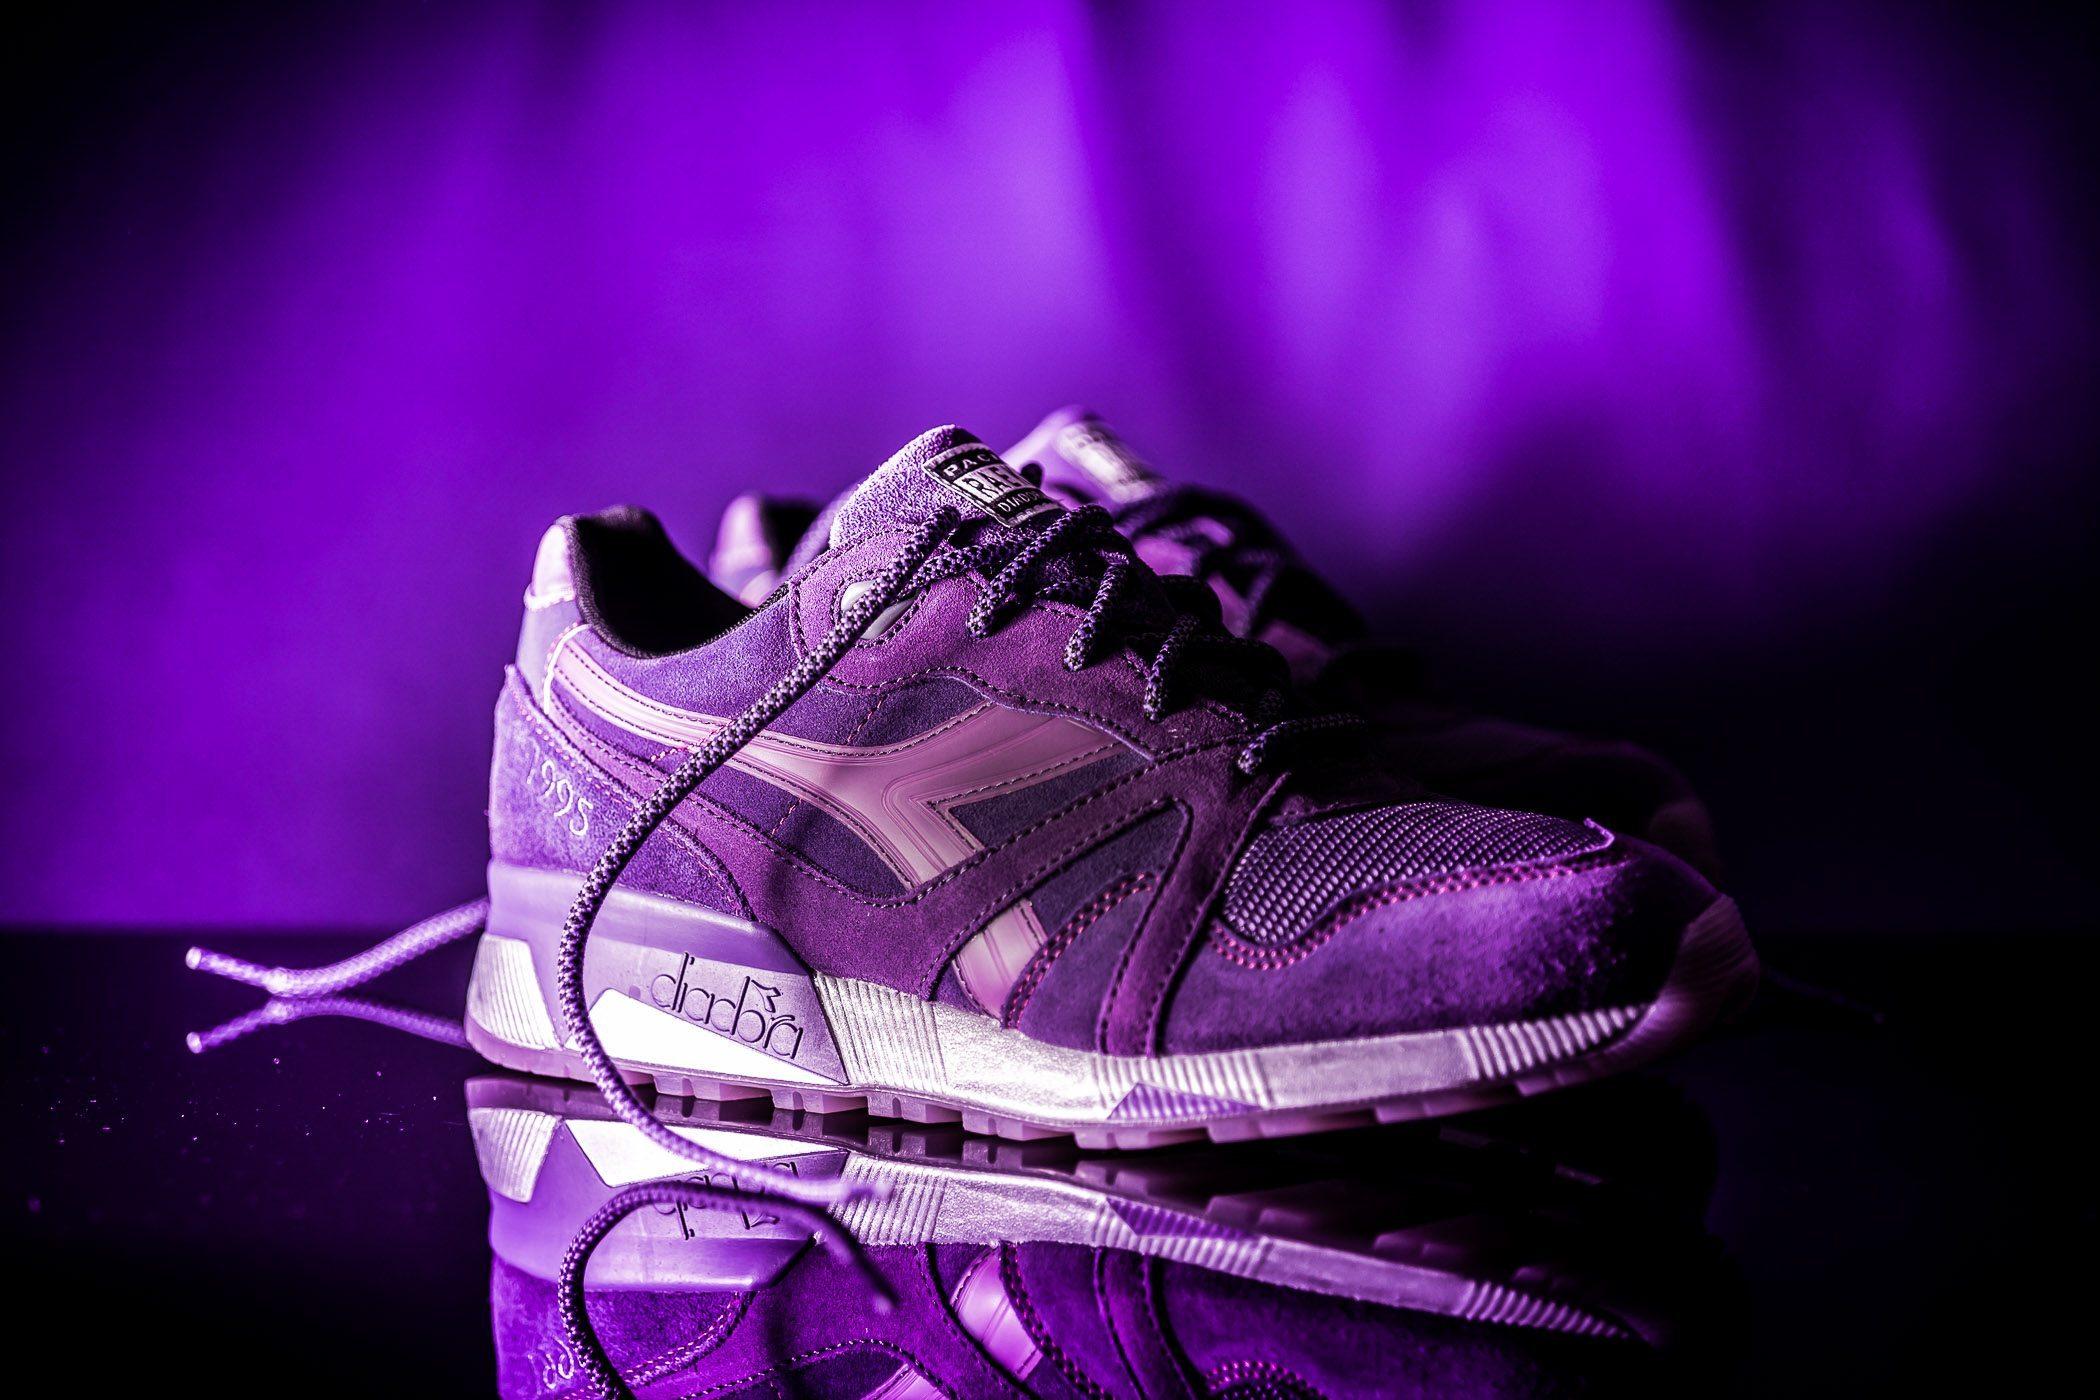 Packer Shoes x Raekwon x Diadora N9000 Purple Tape 6